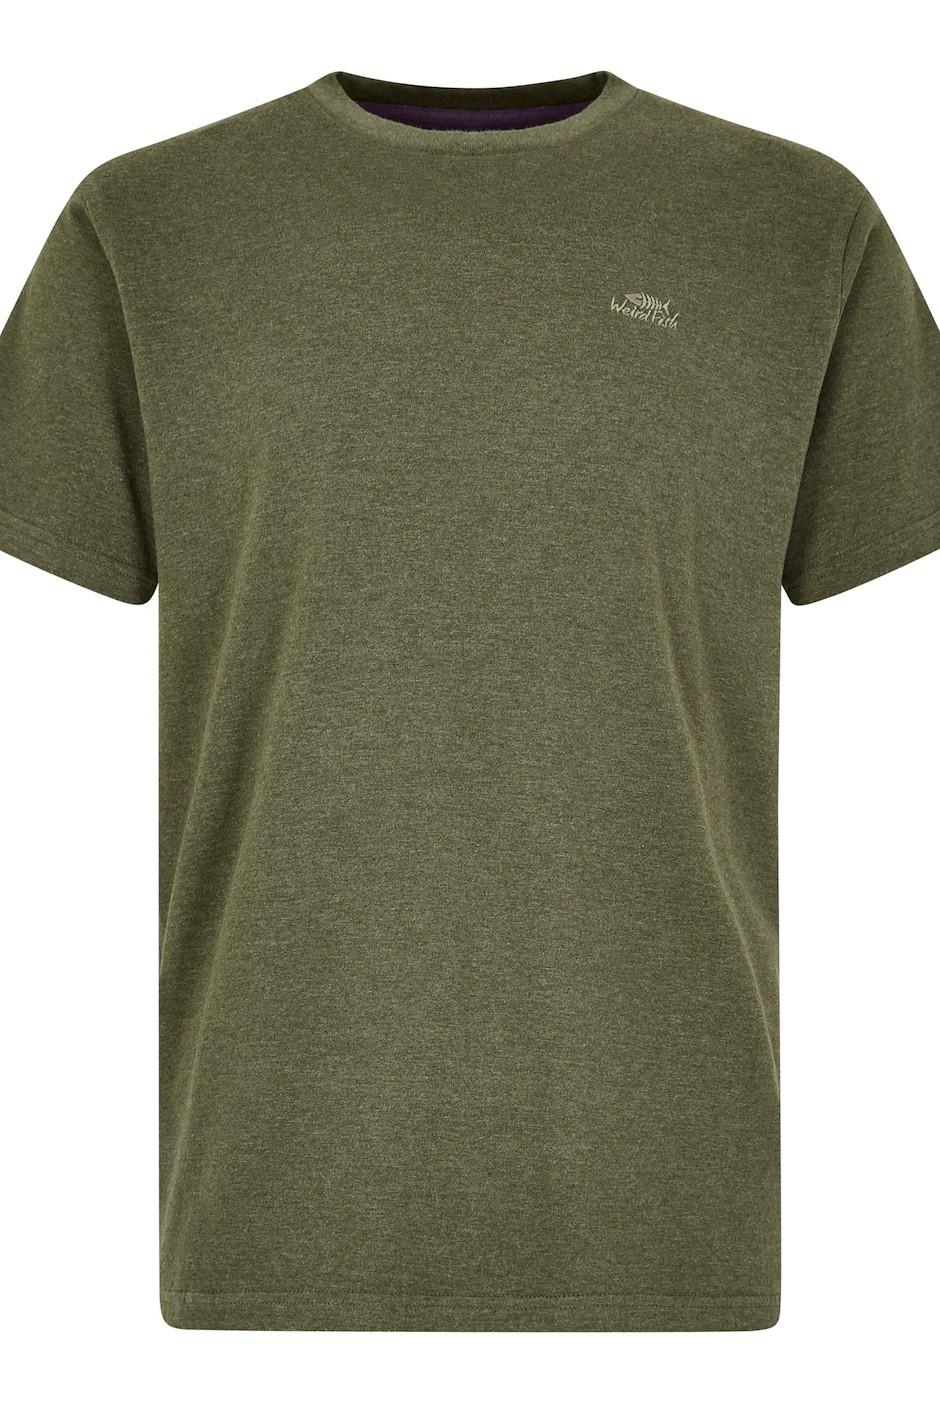 Fished Plain Branded T-Shirt Dark Olive Marl